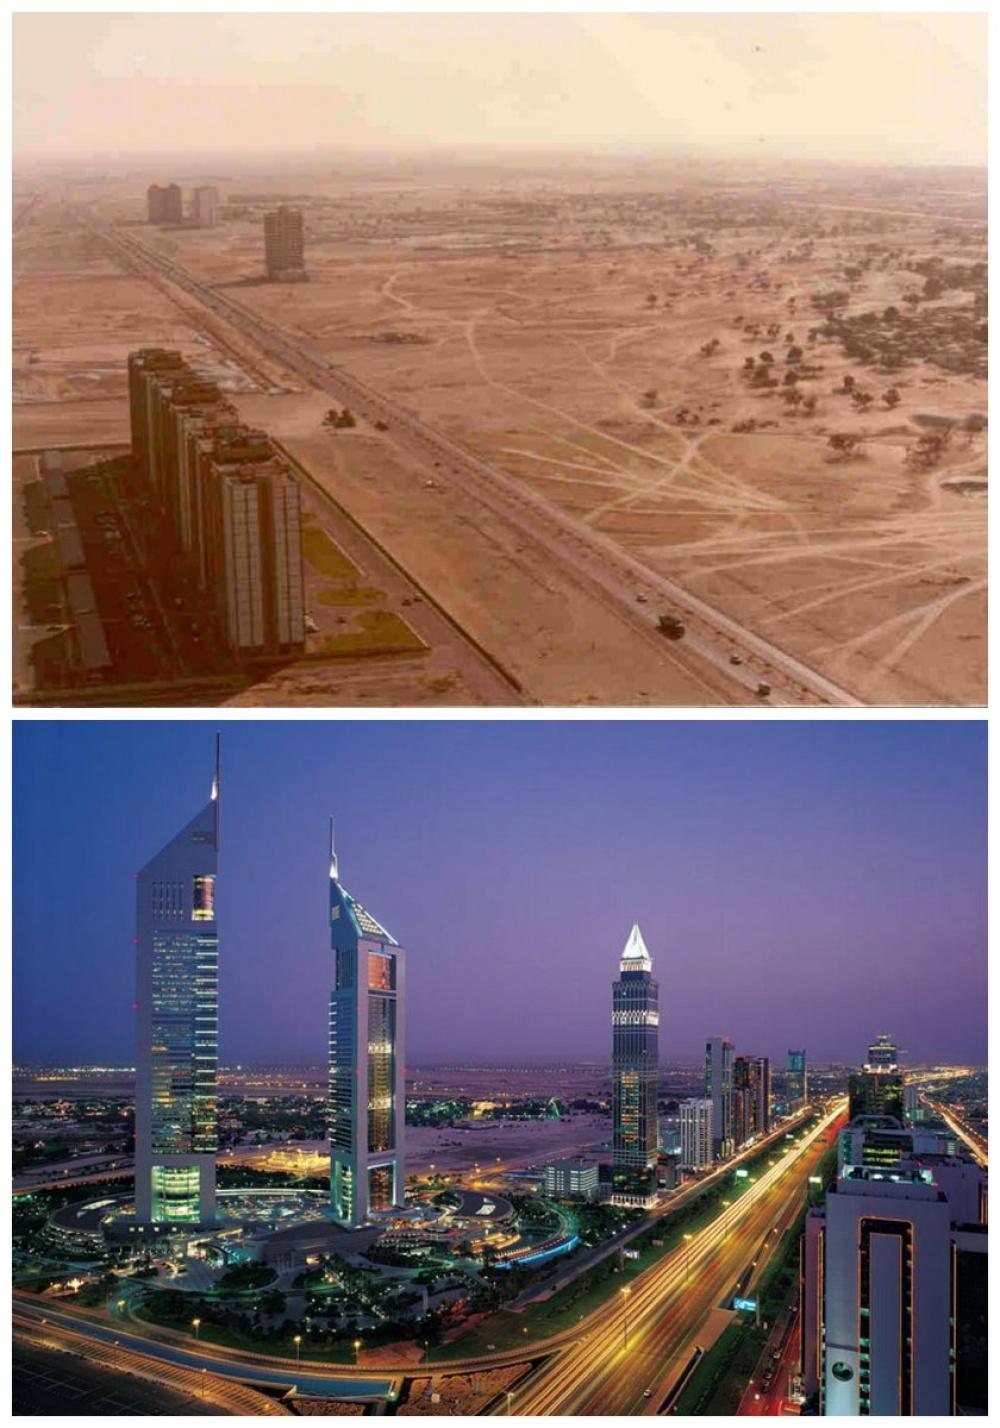 Yıllar İçinde Tanınmayacak Biçimde Değişen 10 Şehir galerisi resim 10